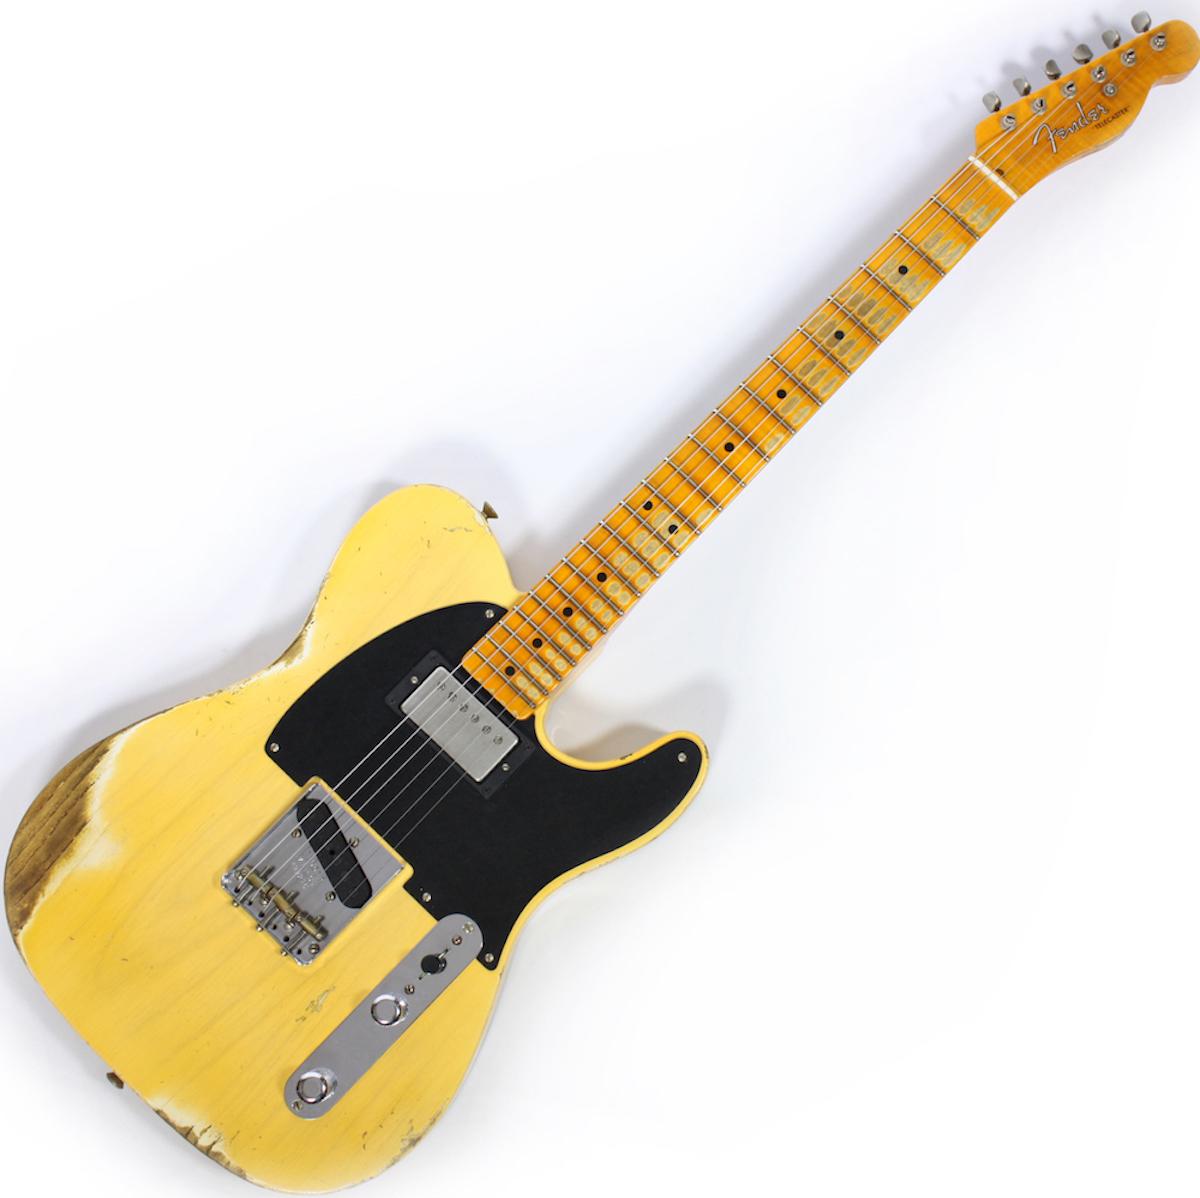 2019 Fender Custom Shop LTD 1951 Heavy Relic HS Telecaster